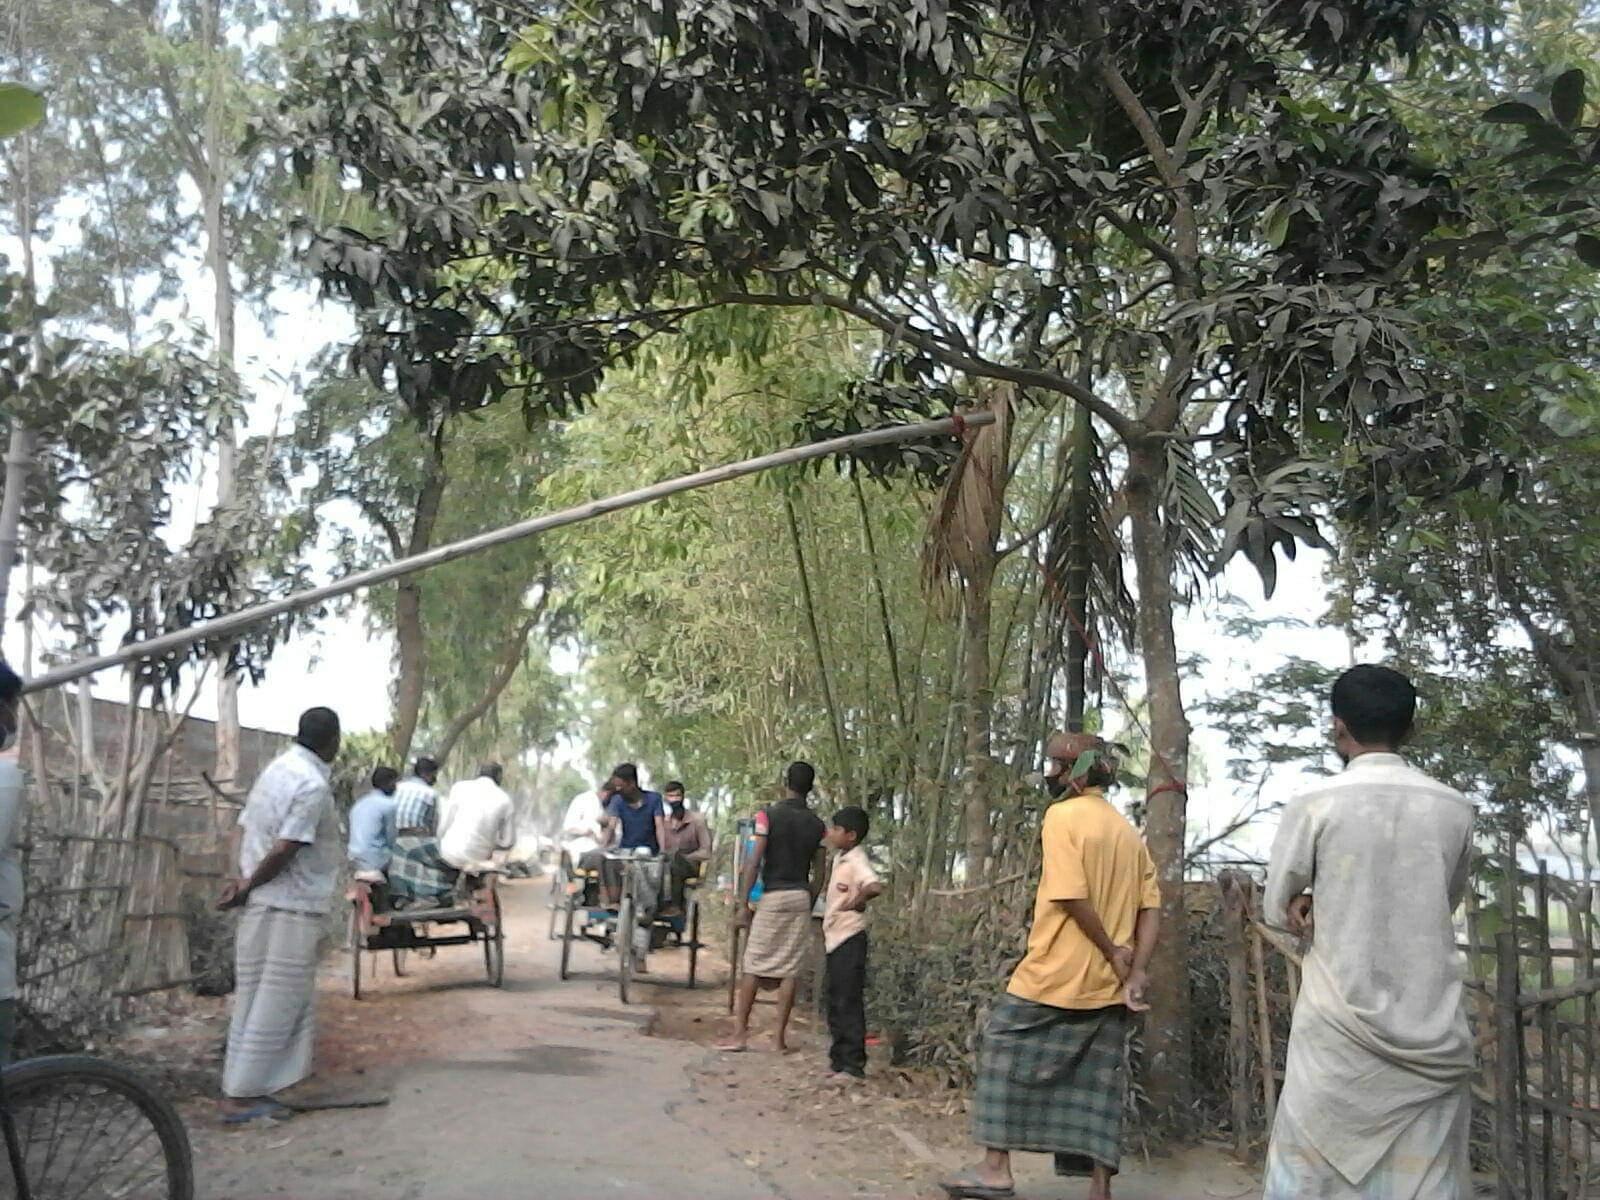 করোনা: লকডাউন বাস্তবায়নে বাঁশ দিয়ে রাস্তায় ব্যারিকেড